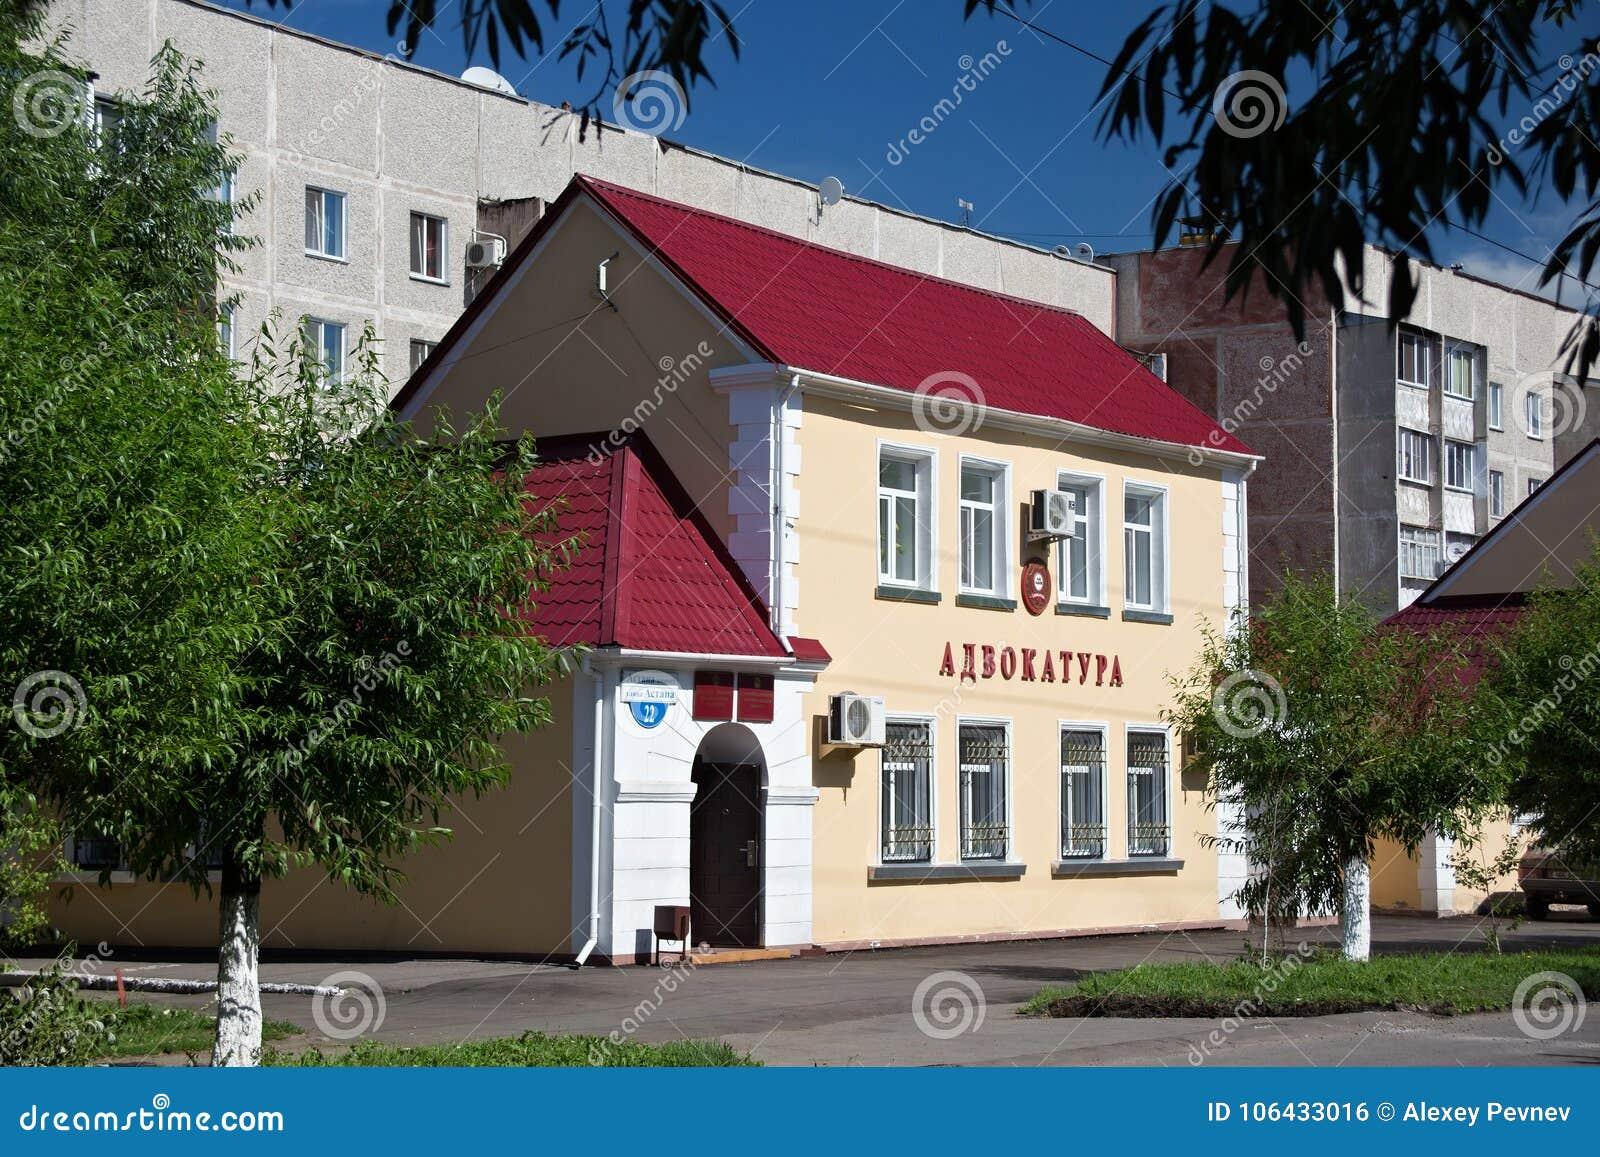 PETROPAVL, KASACHSTAN - 24. JULI 2015: Typisches altes historisches Gebäude in der Mitte der Stadt